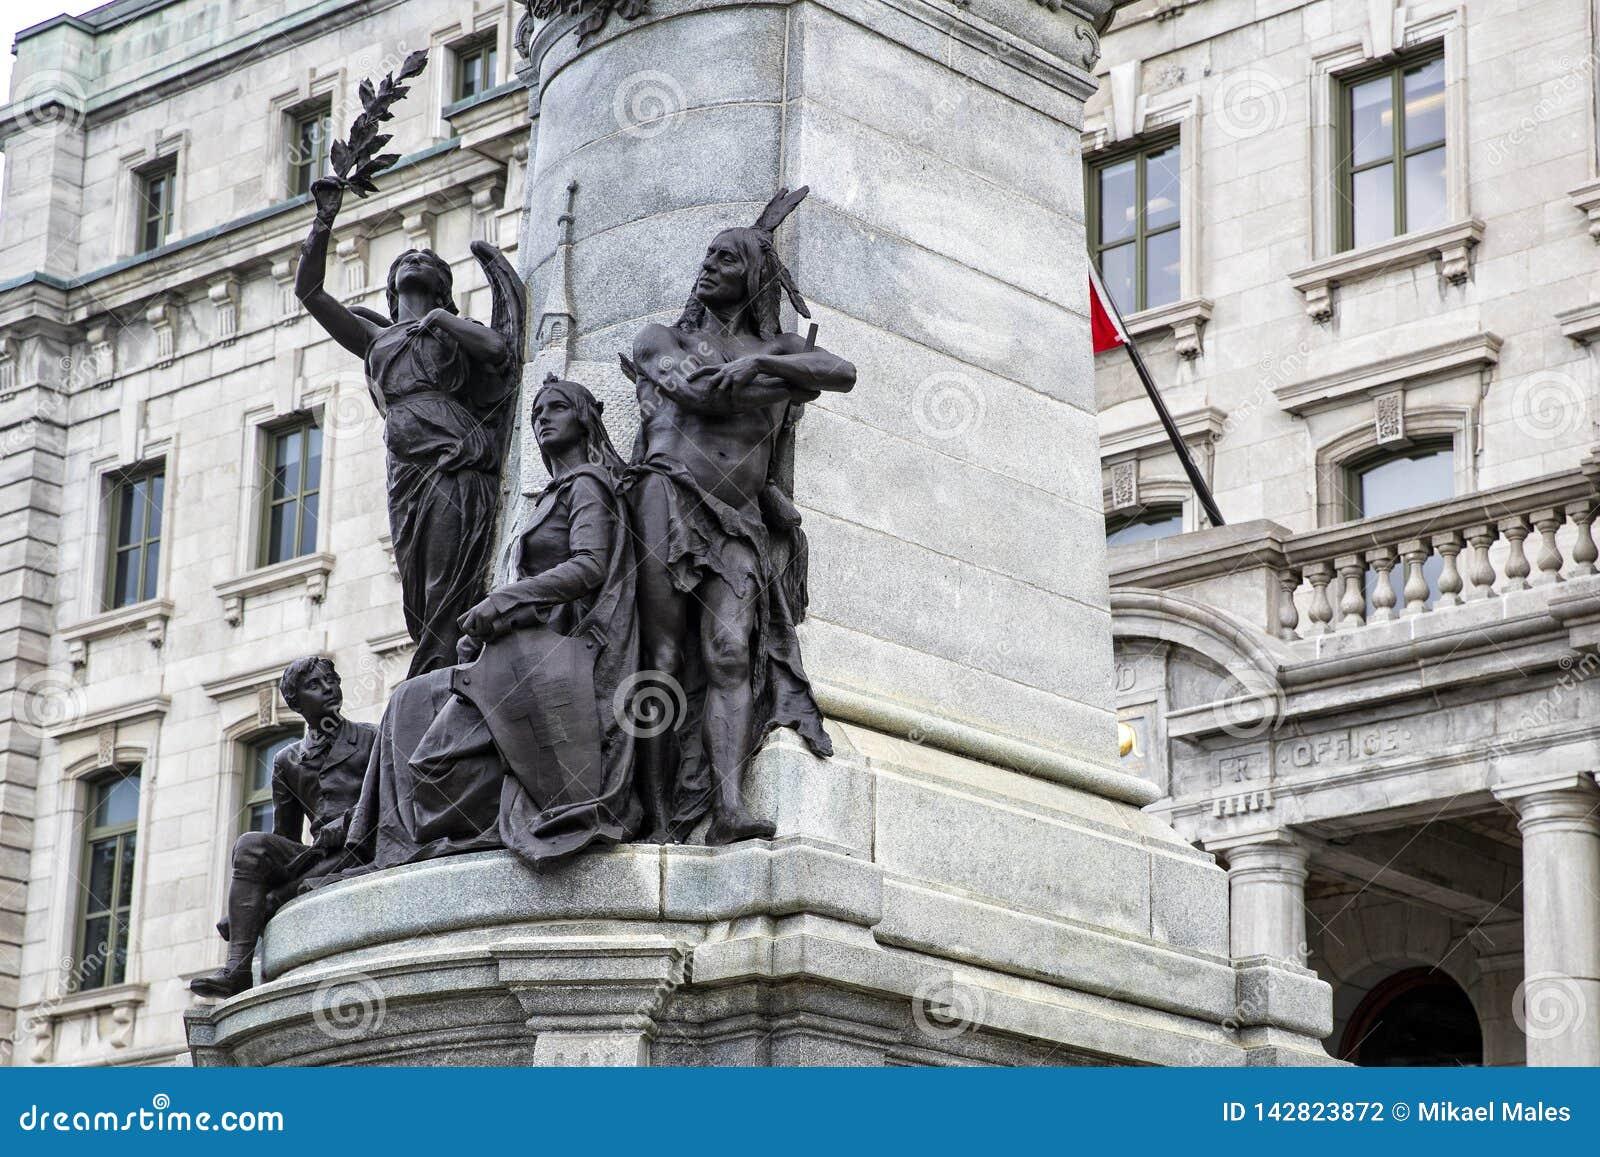 Standbeeld van Francois Xavier de Montmorency Laval, met inheemse Indiërs en kolonialist onderaan